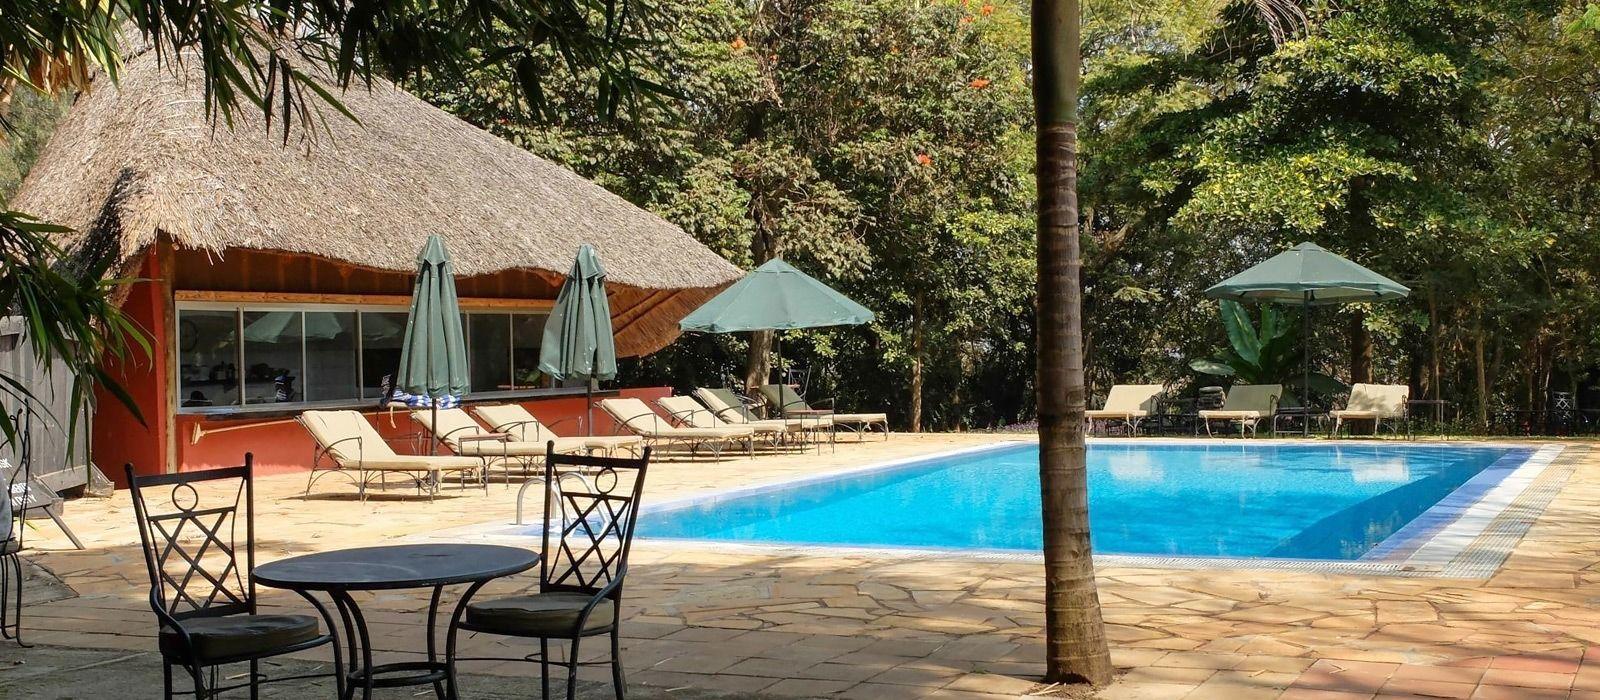 Hotel Ngorongoro Farm House Tanzania